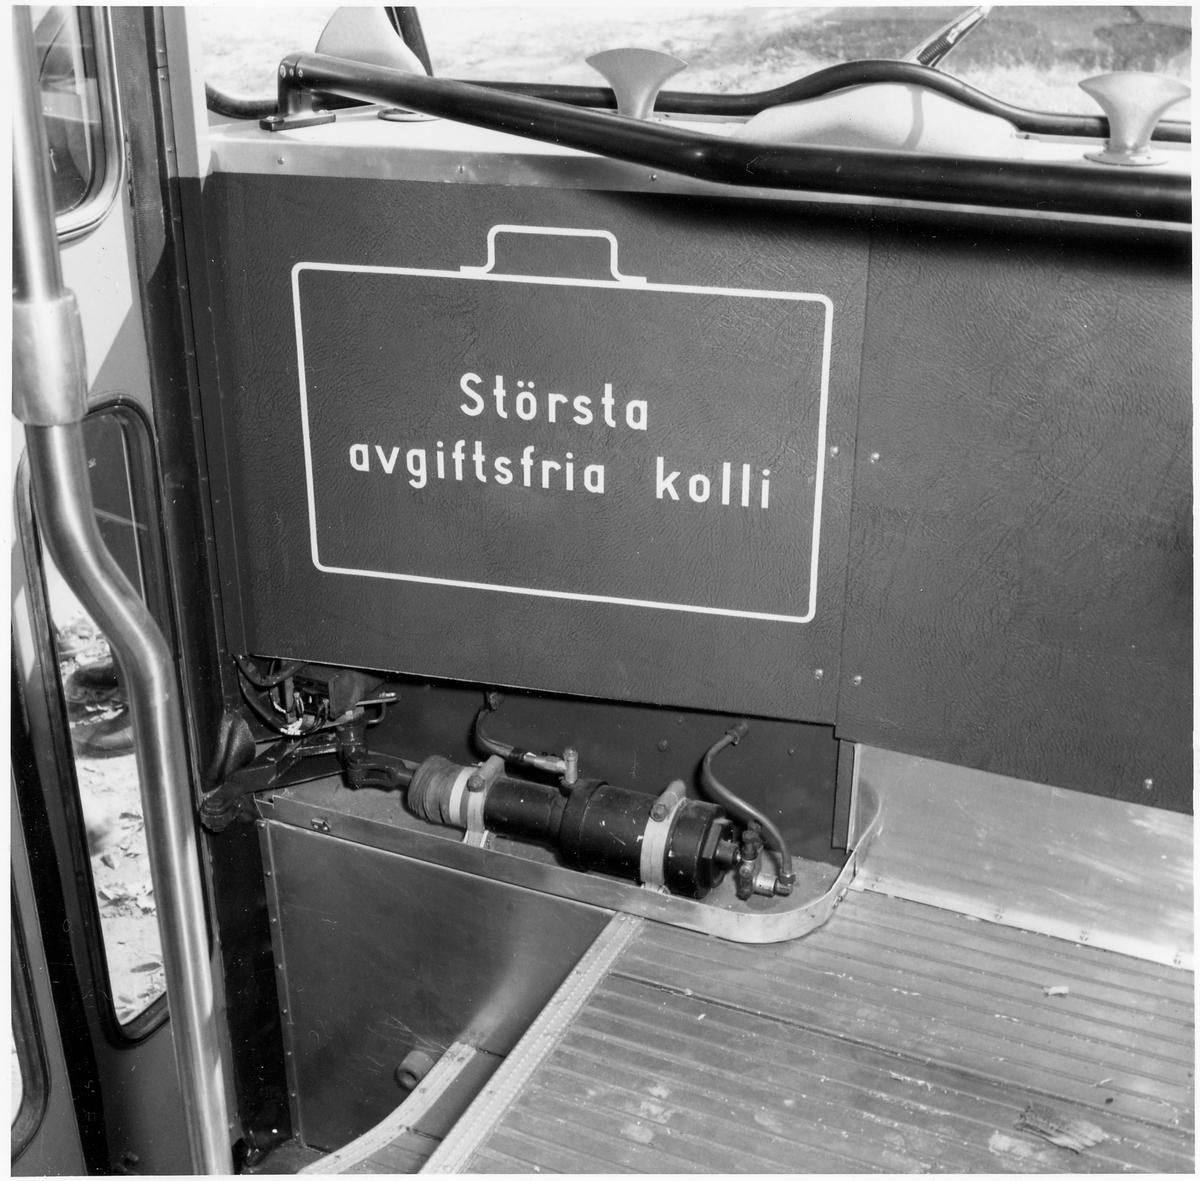 Interiör från en buss med information till passageraren.